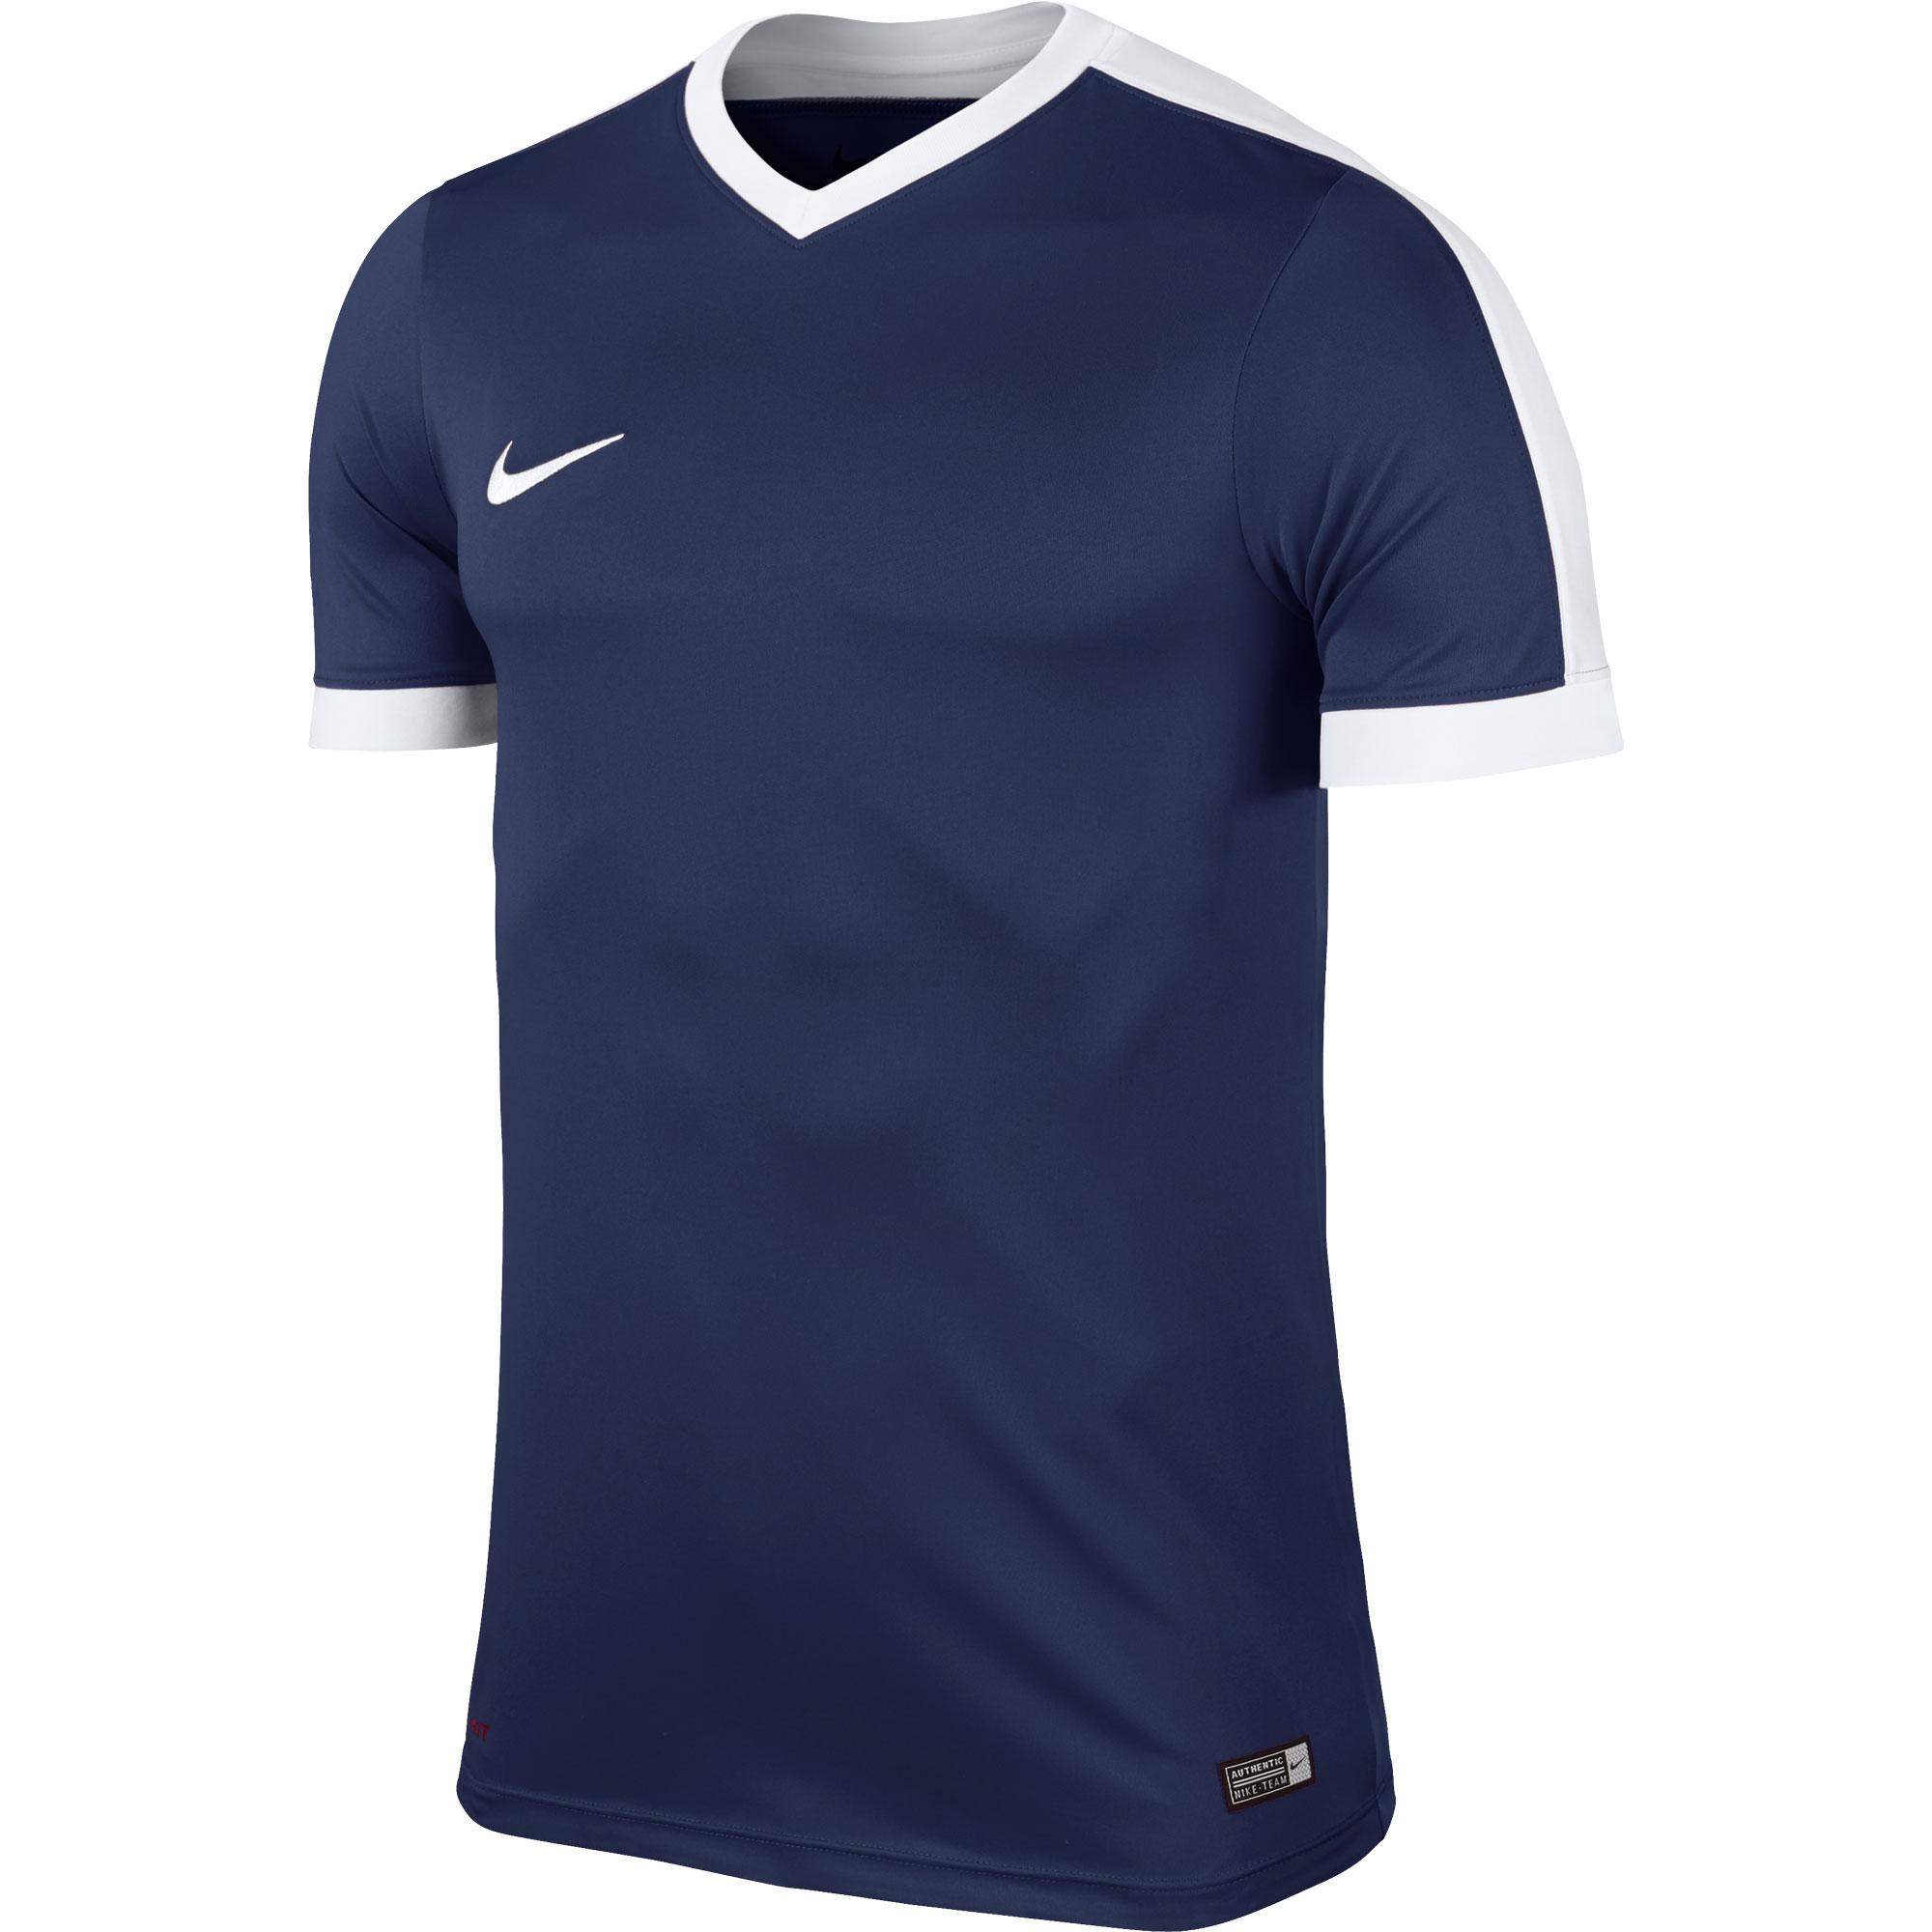 Nike Herren Trikot Striker IV 725892-410 S